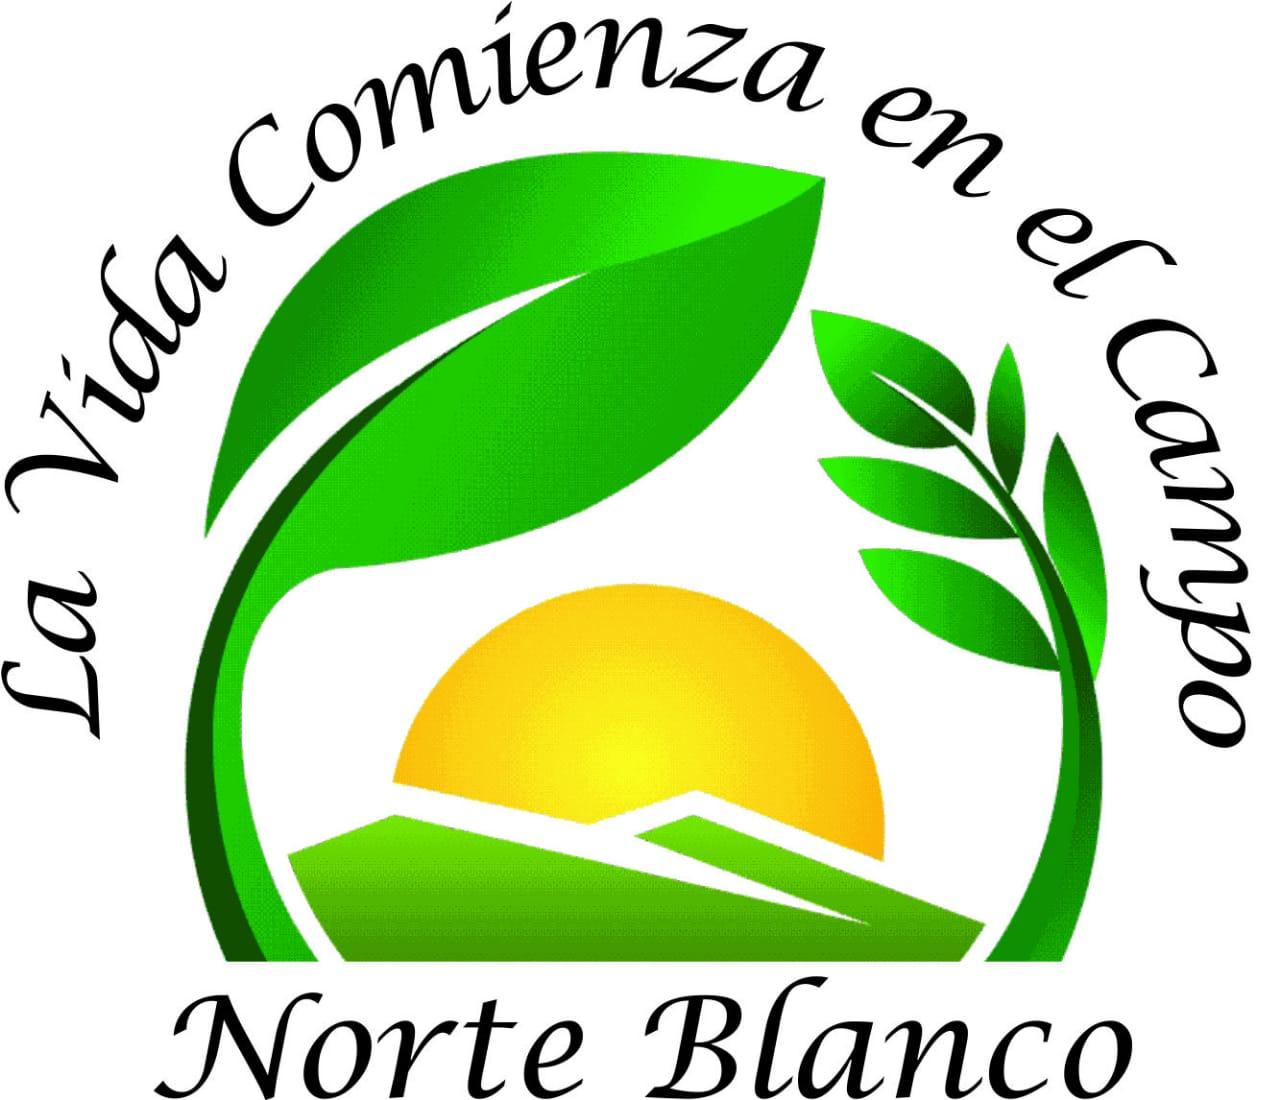 Norte Blanco